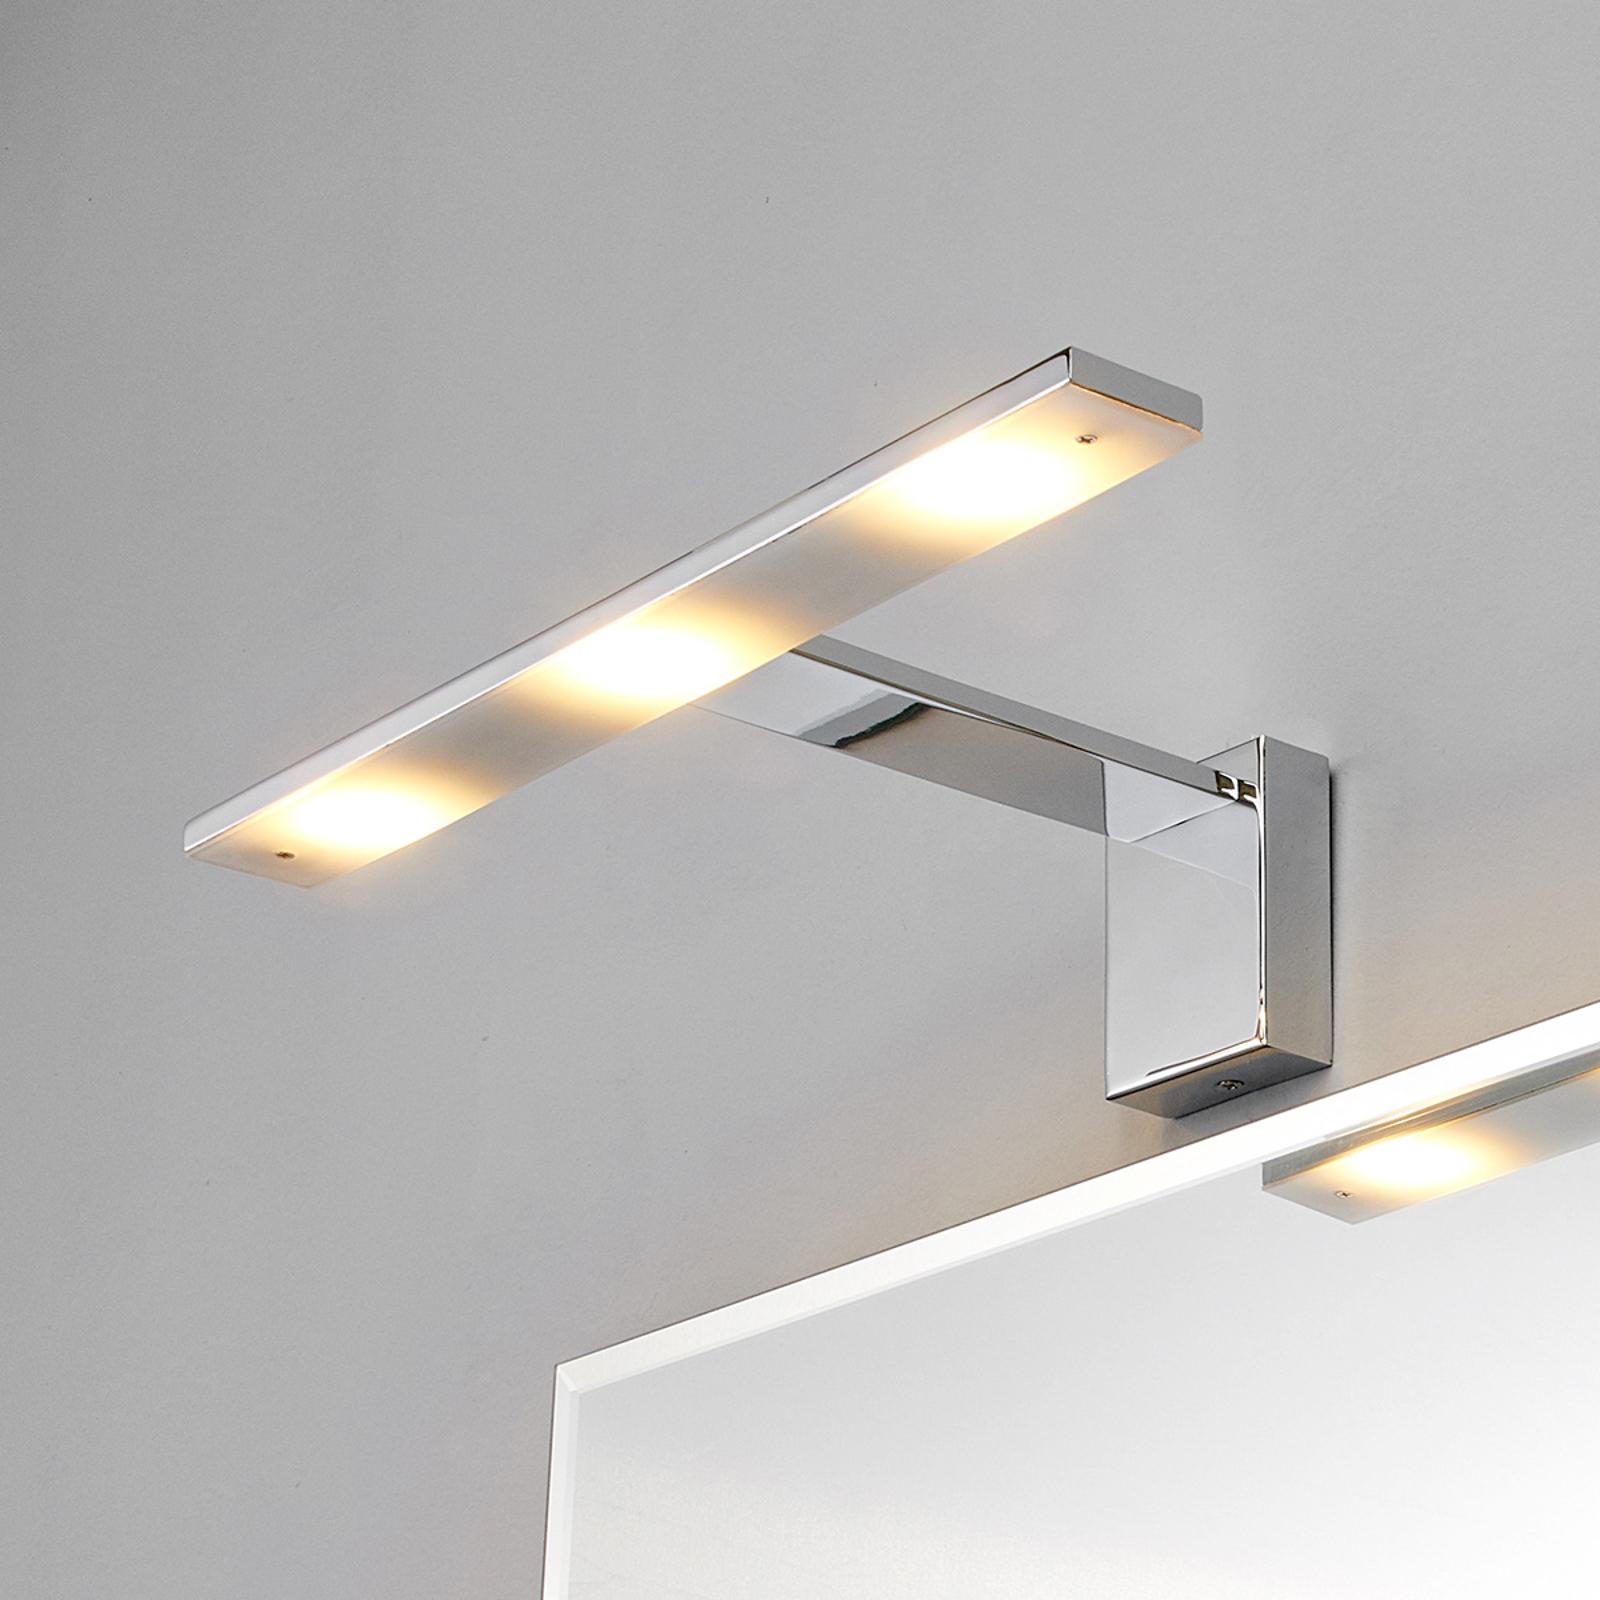 Applique pour miroir LED Lorik élégante chrome